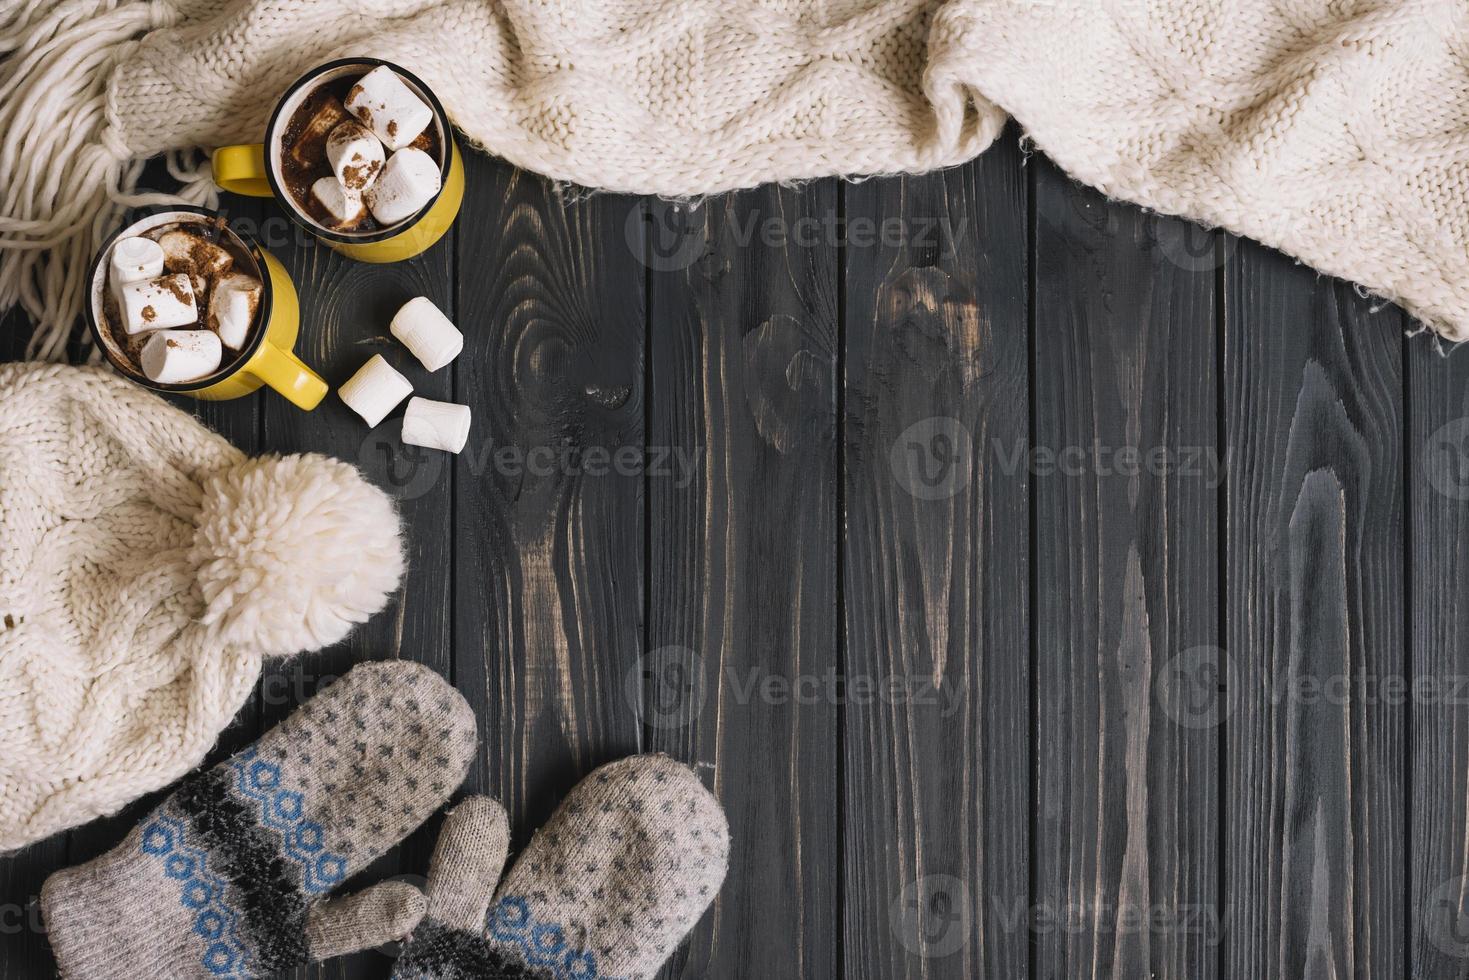 tasses avec des guimauves près des accessoires pour temps chaud photo